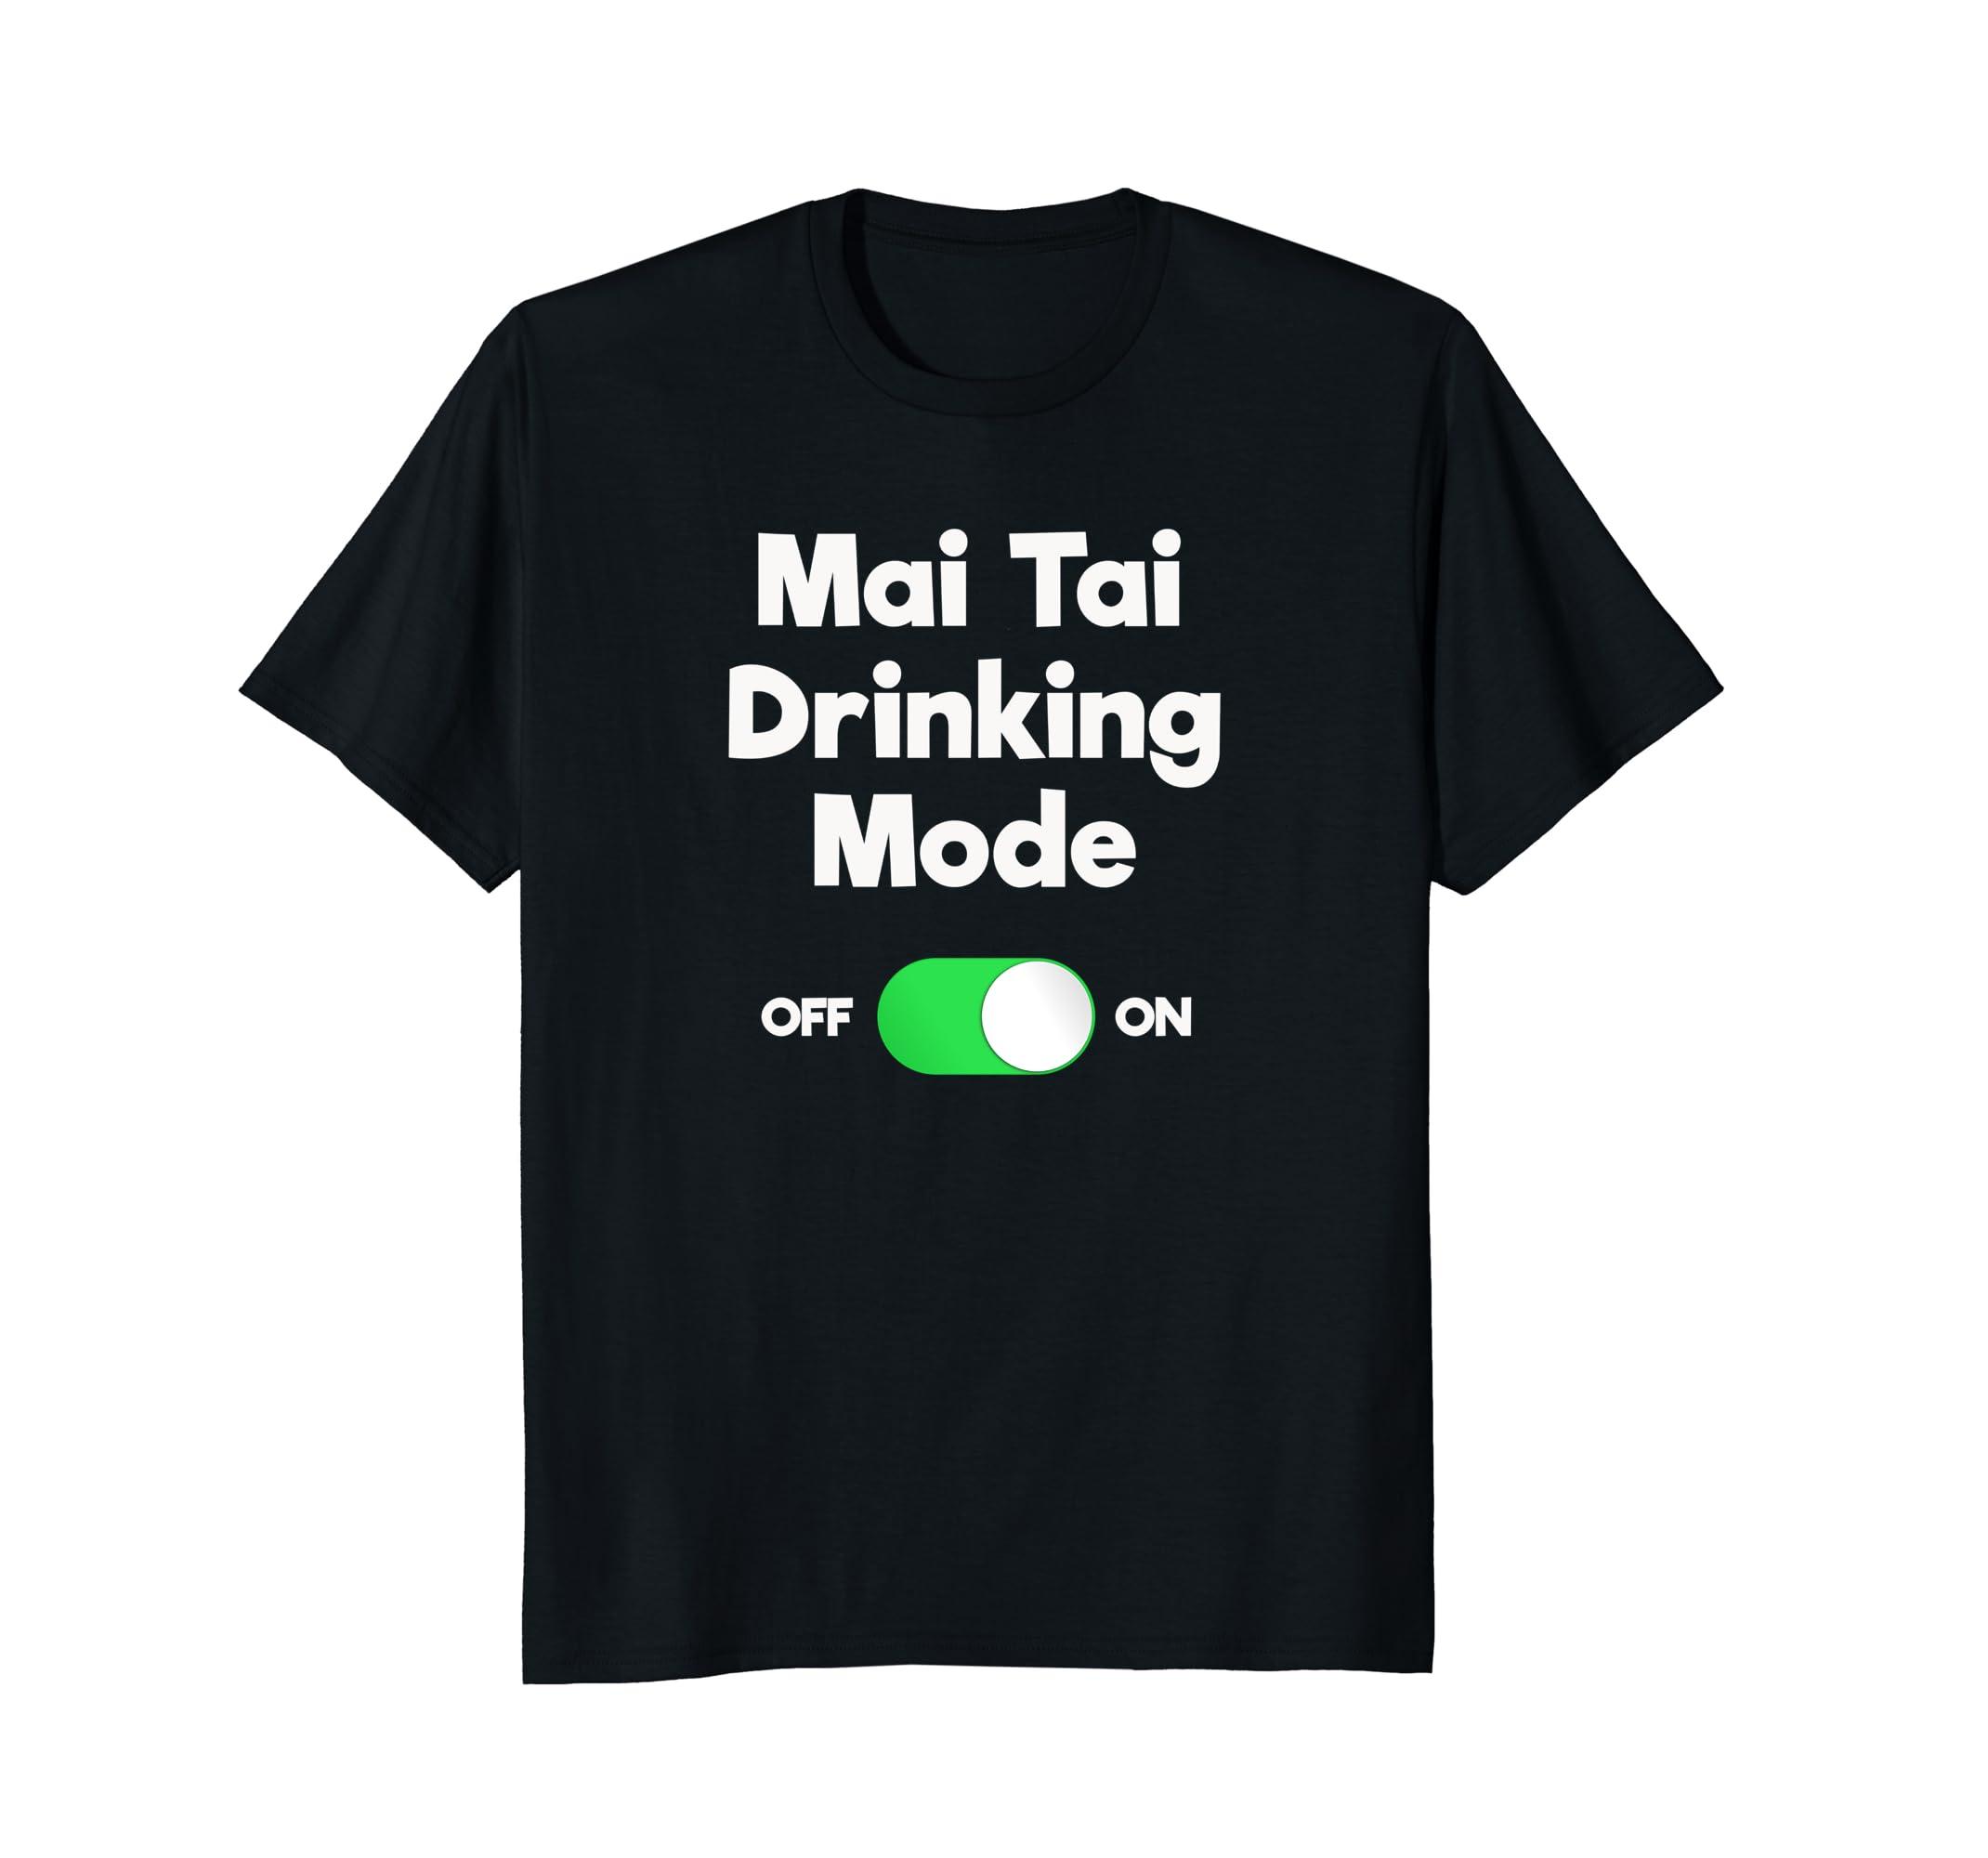 301f16e2 Amazon.com: Mai Tai T-Shirt - Funny Mai Tai Drinking Mode: Clothing